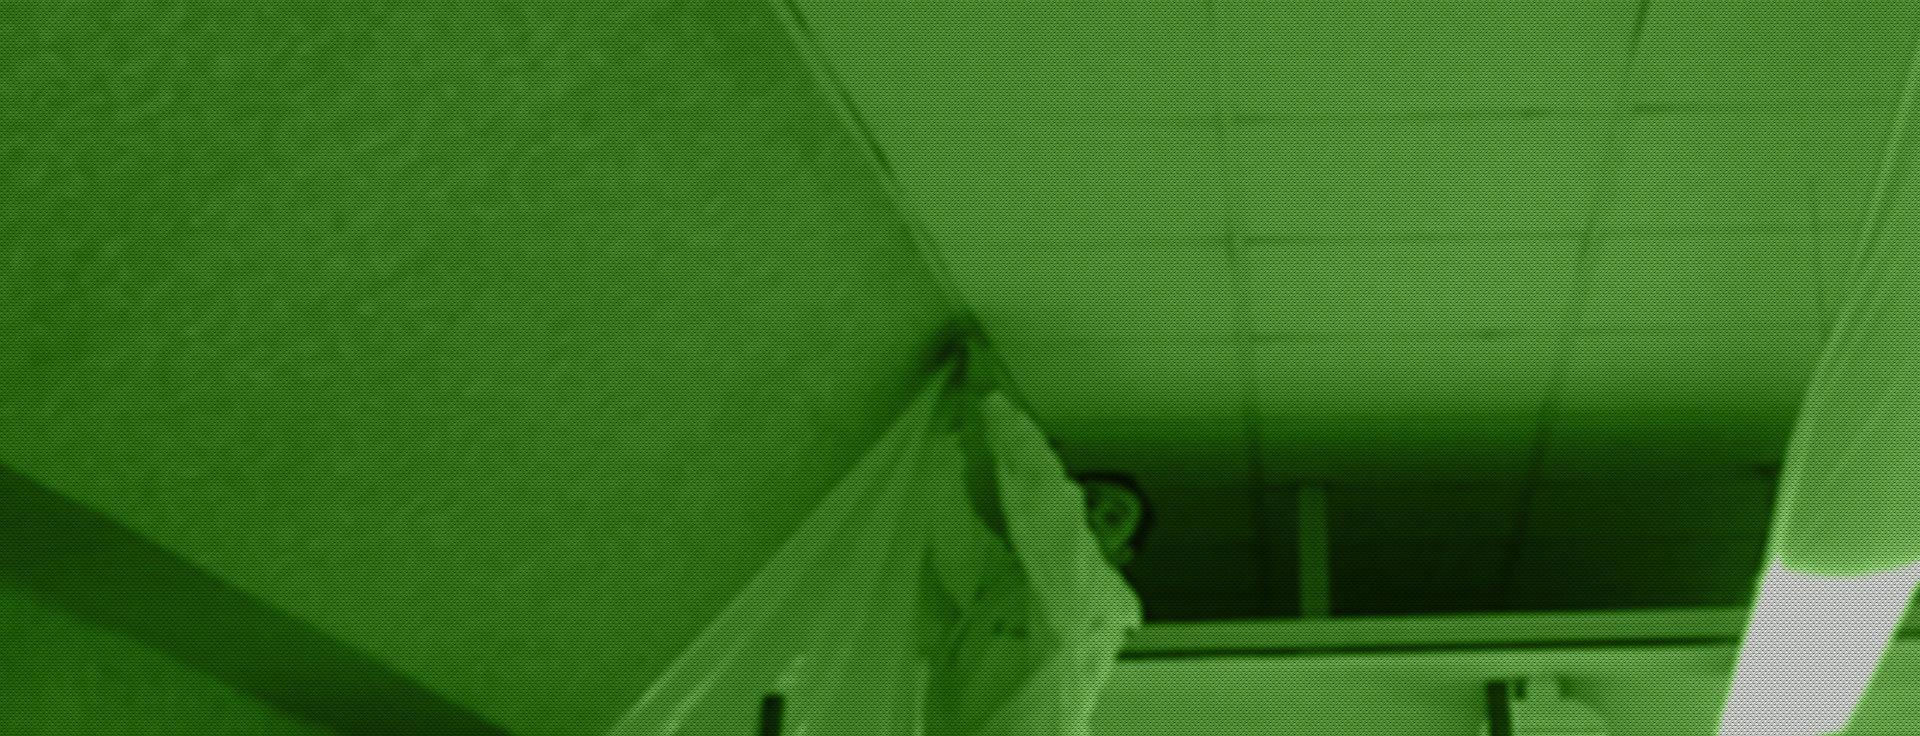 Limpiezas Castor. techos2 Techos